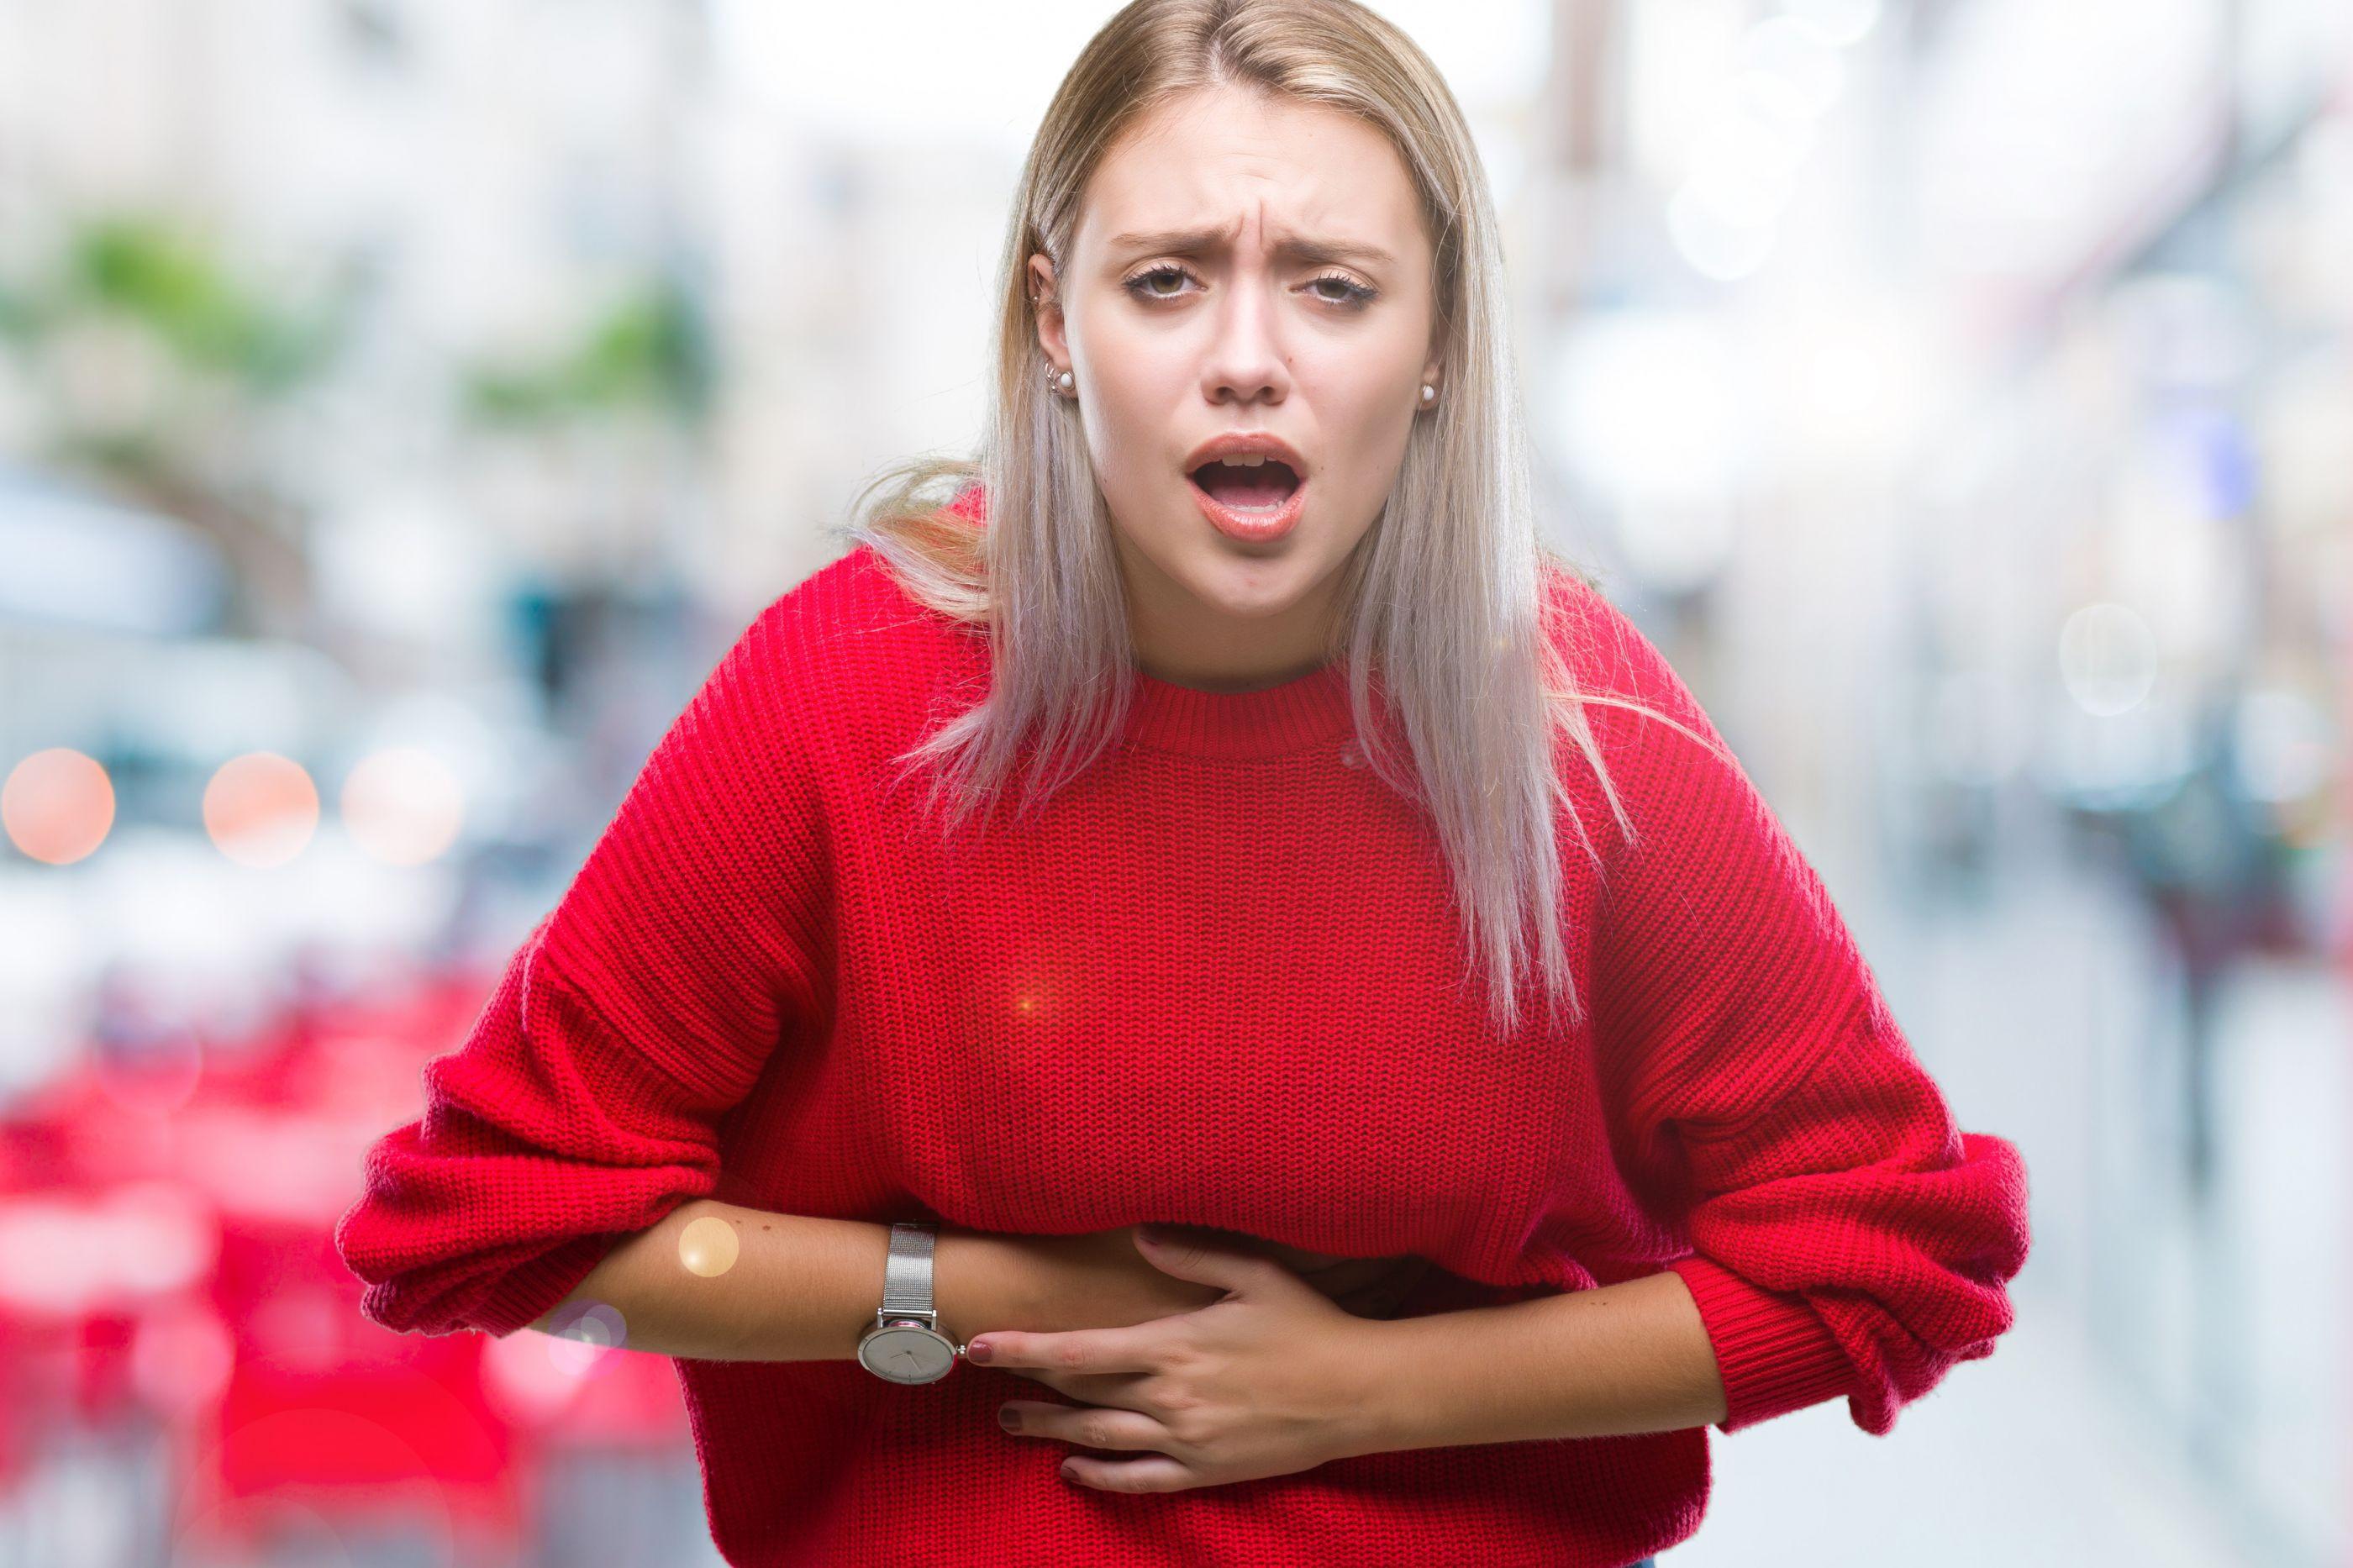 Seis sintomas indicadores de problemas digestivos graves (e de cancro)